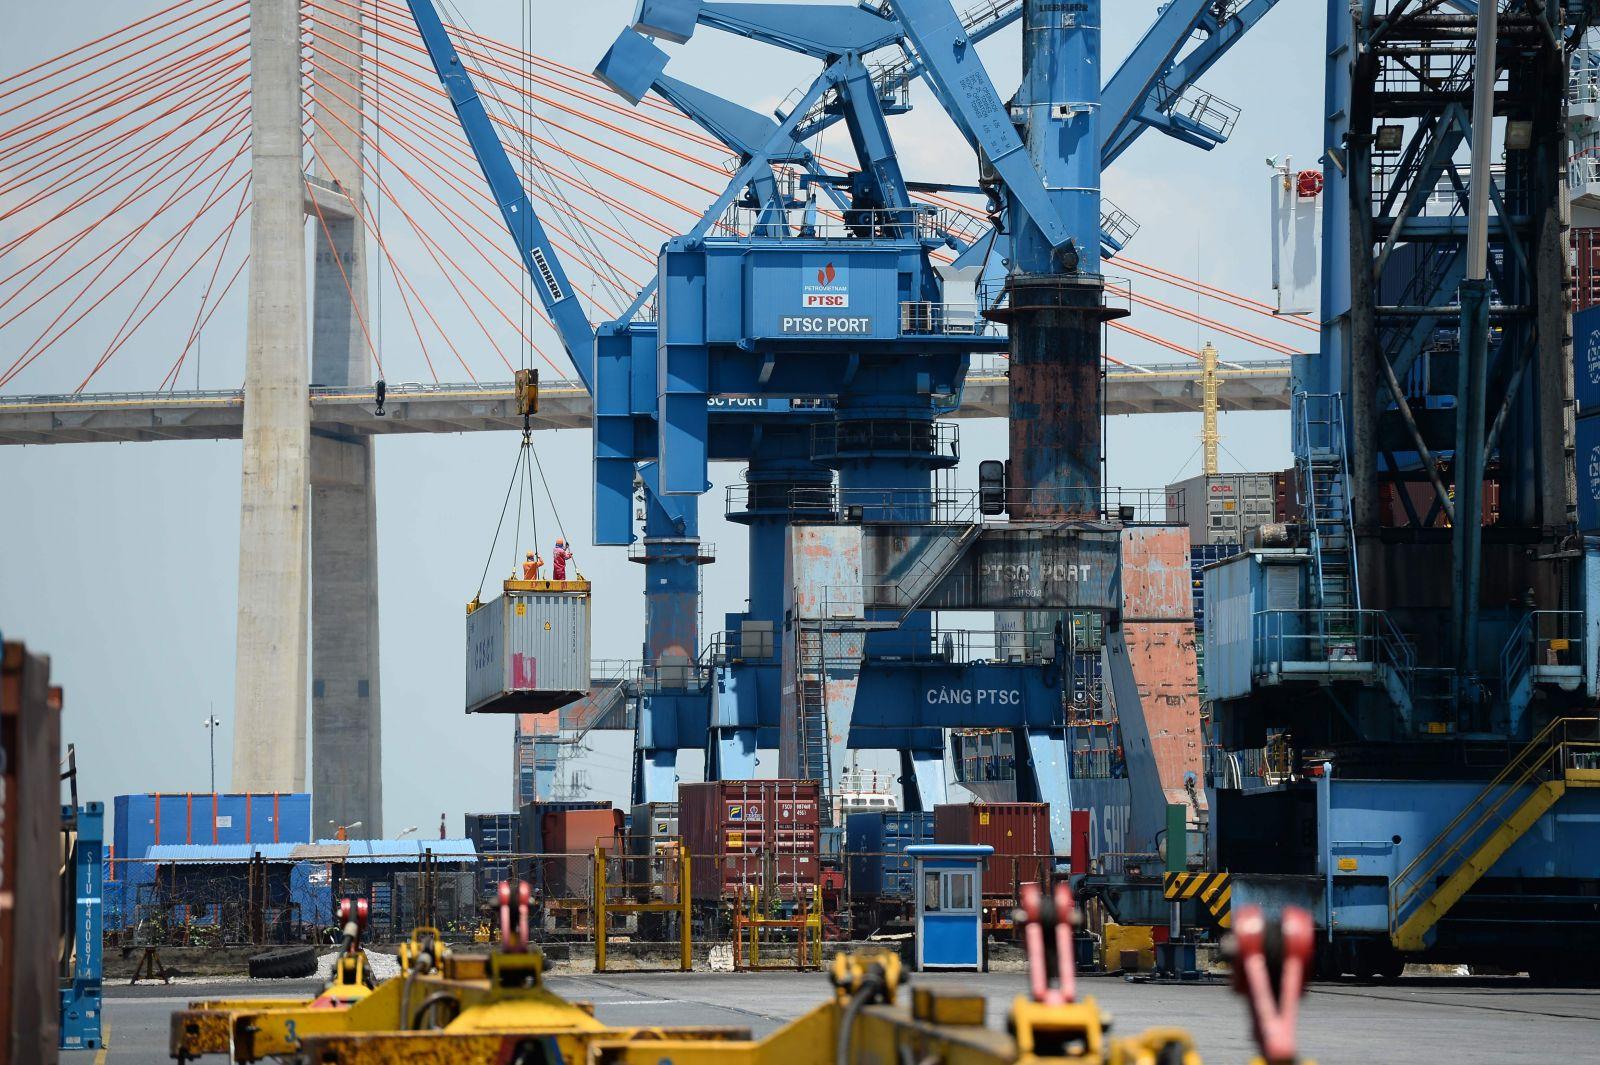 Một số vấn đề về phát triển kinh tế Việt Nam theo hướng bền vững